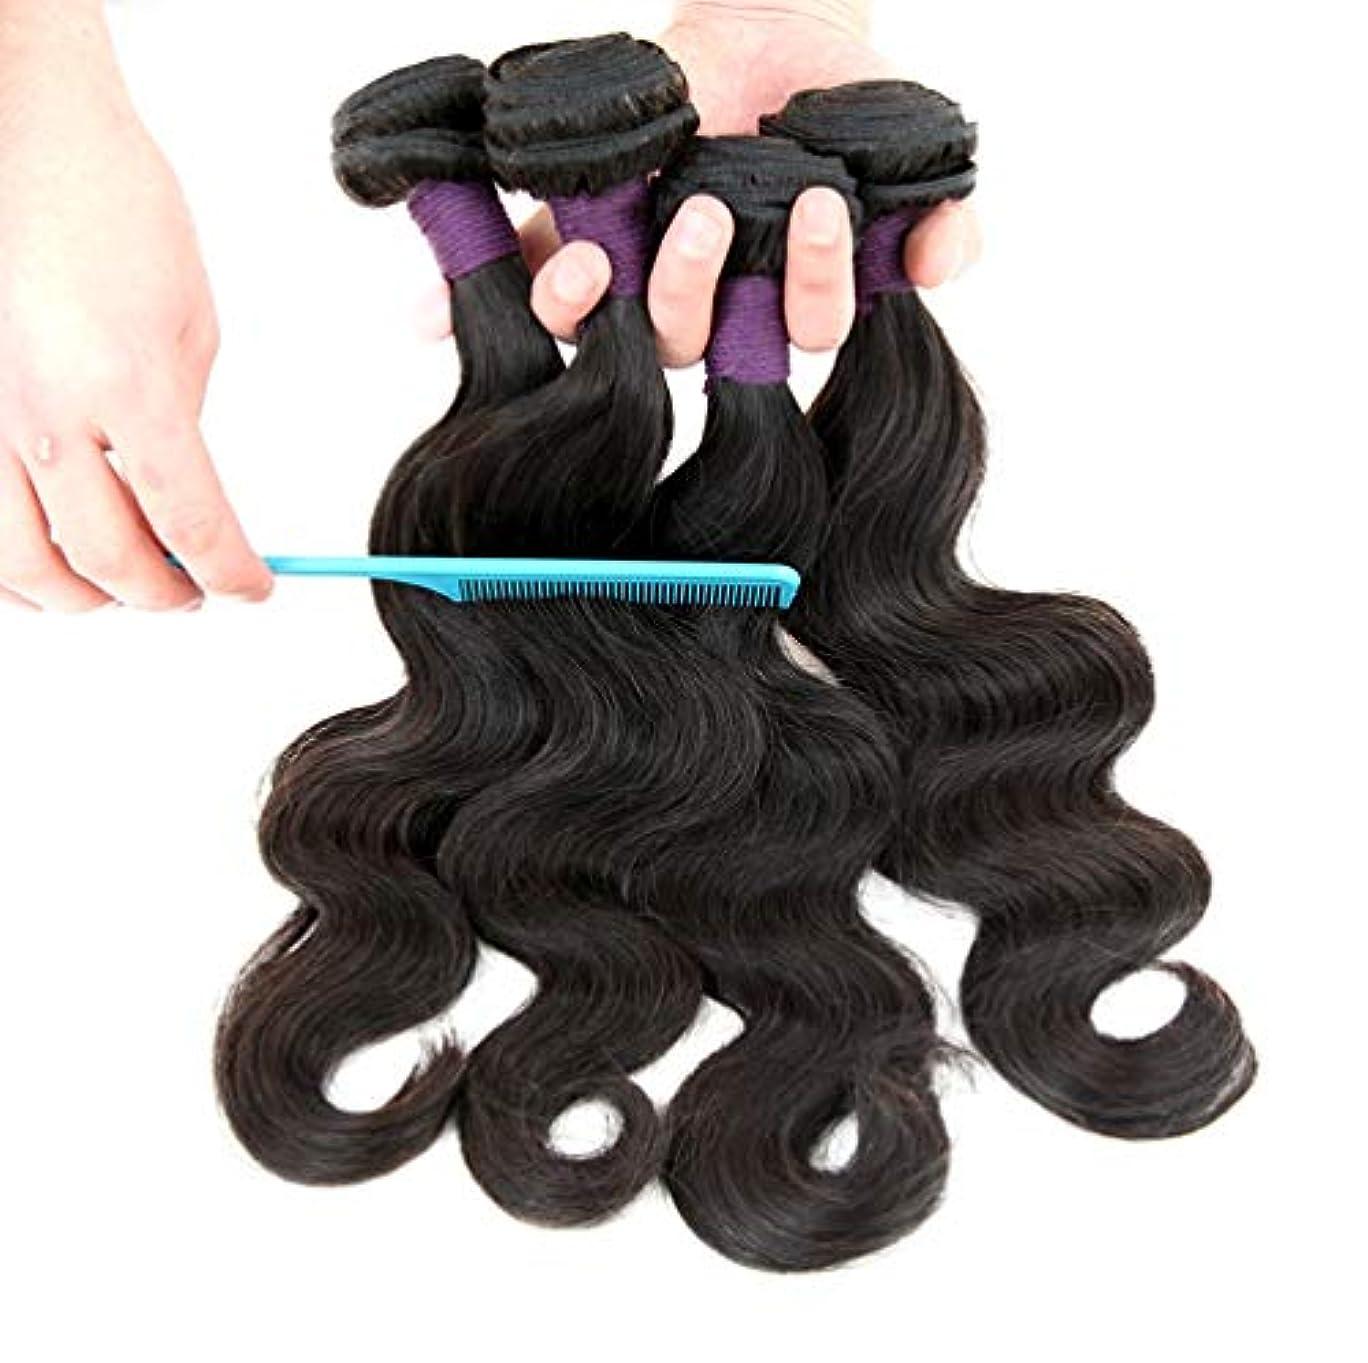 転送ブルームセクタ女性の髪織りブラジルの髪の束体波バージン髪織り赤ちゃんの髪の自由な部分自然色(3バンドル)